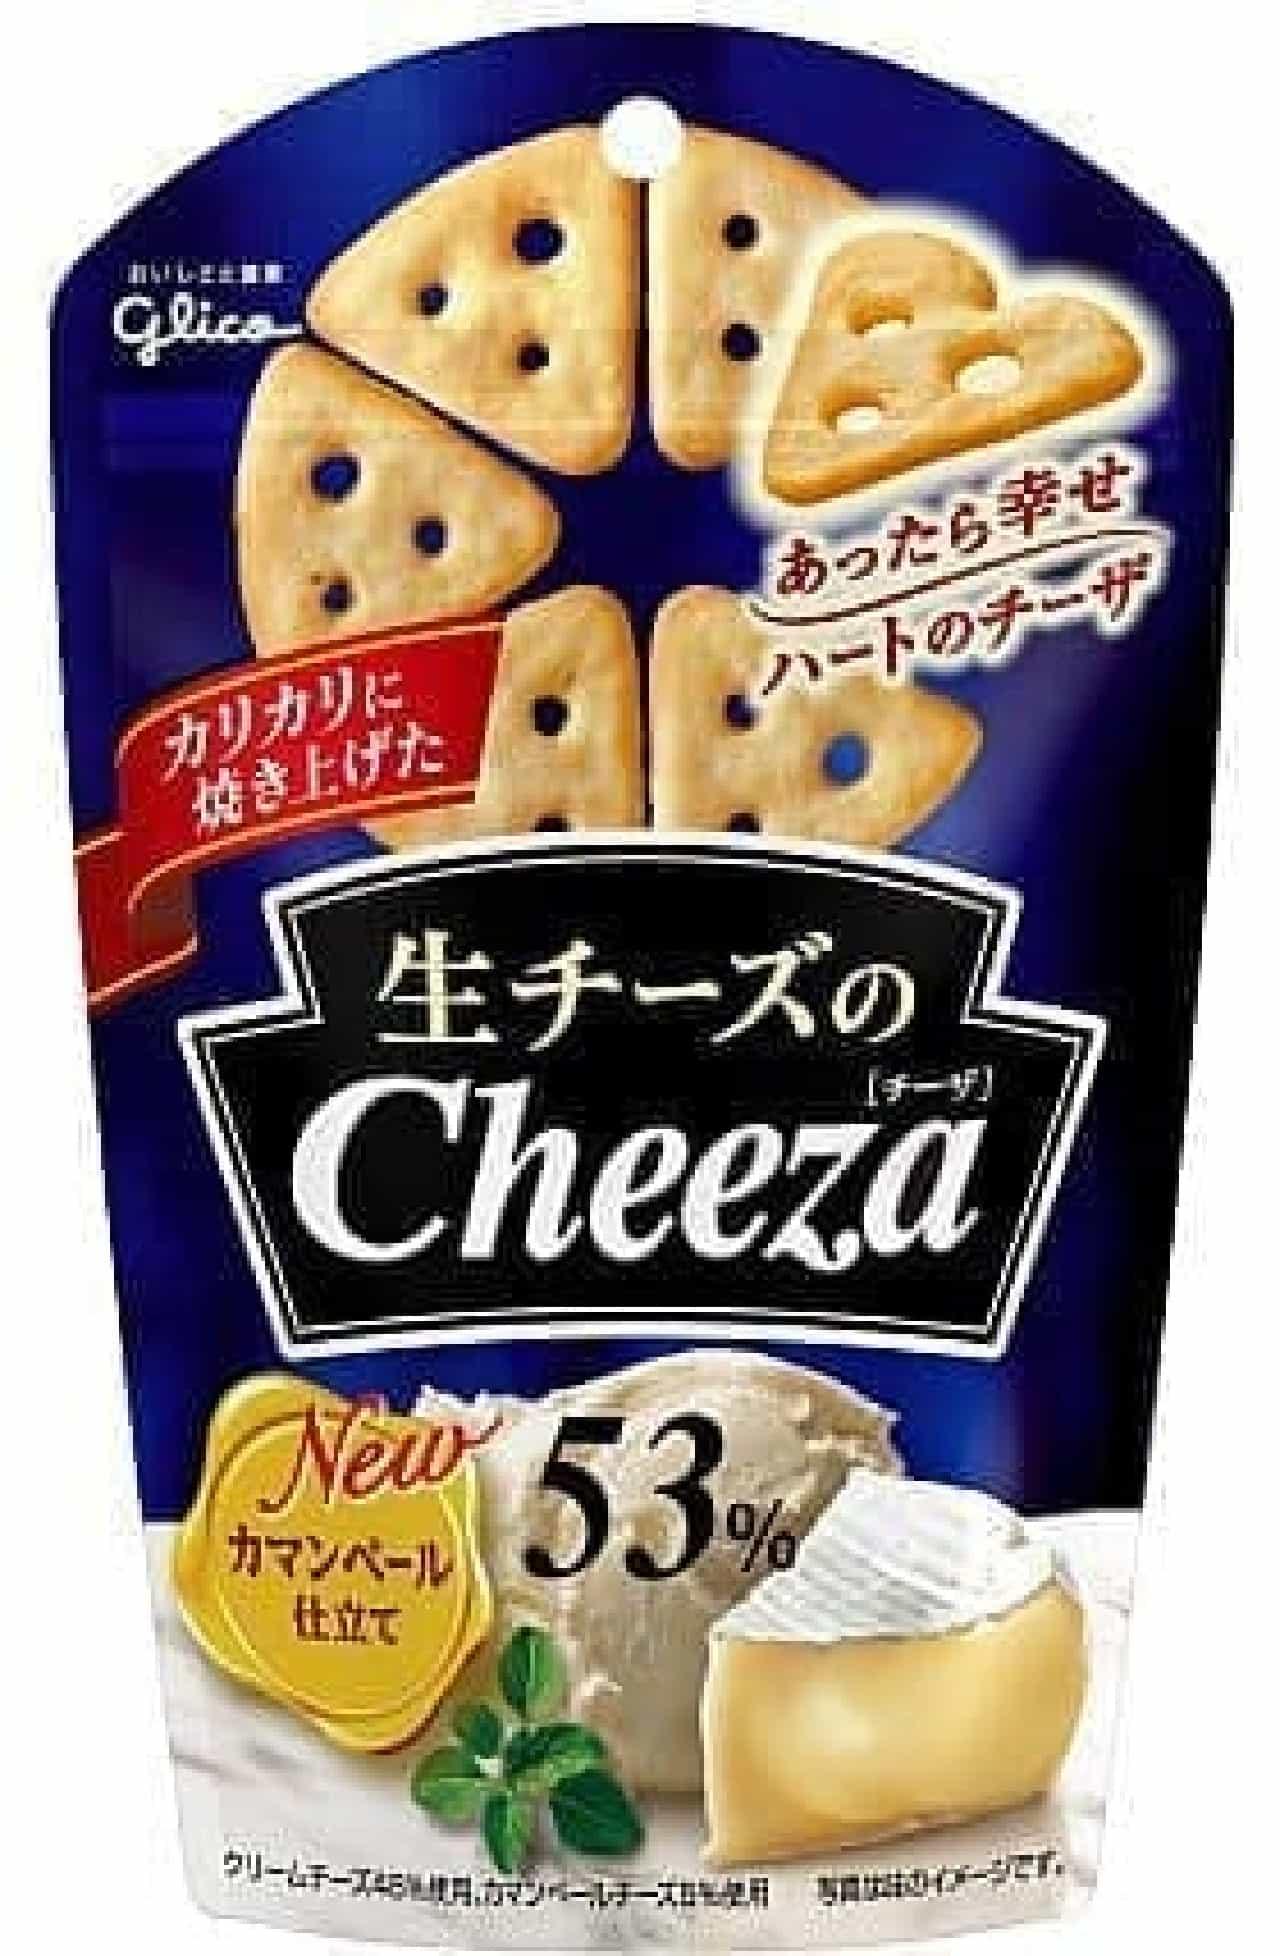 江崎グリコ「生チーズのチーザ」